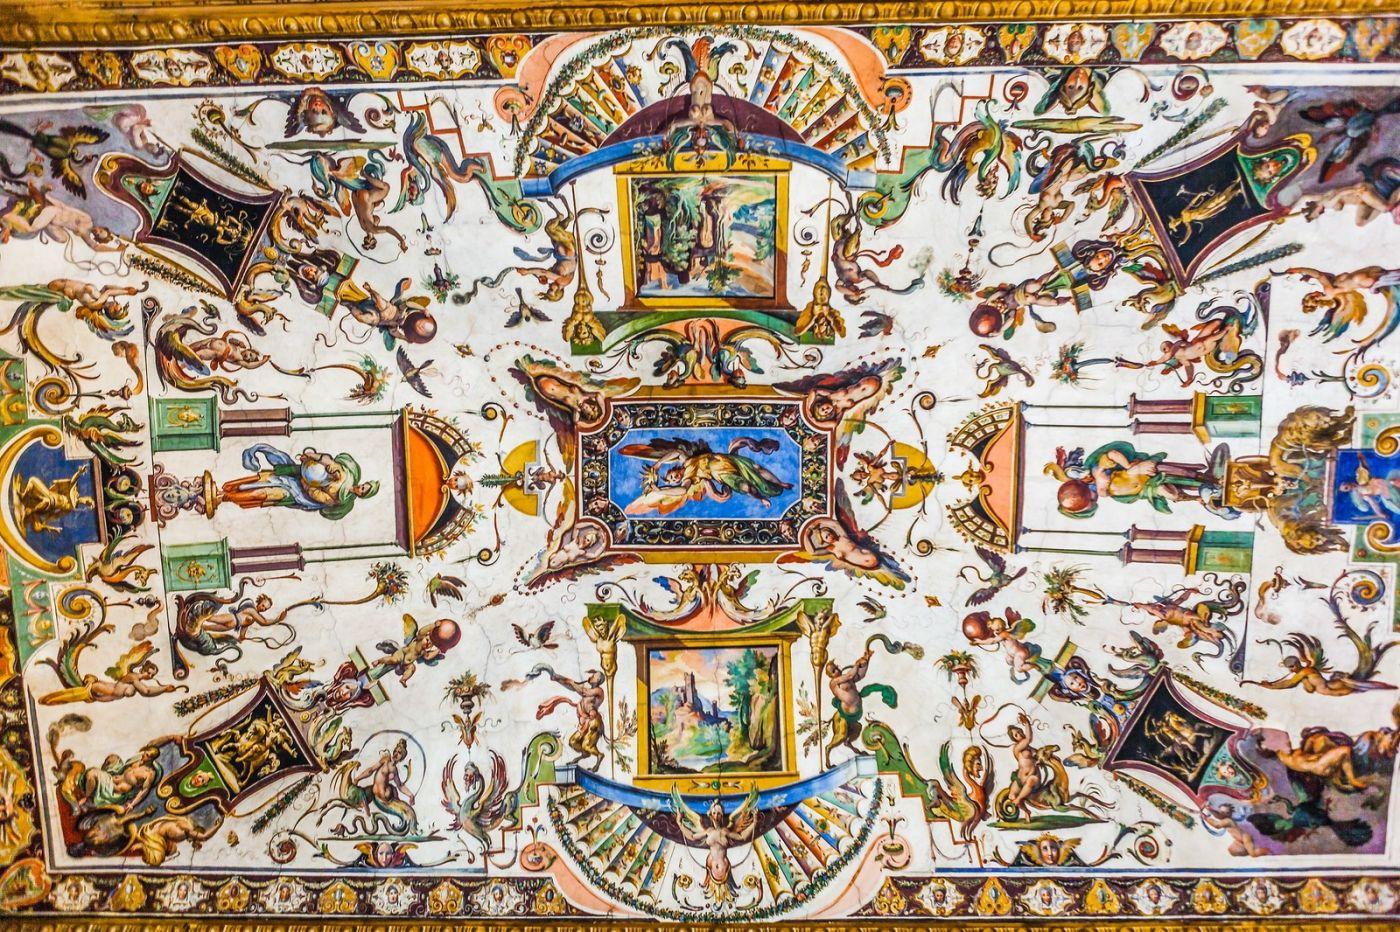 意大利佛罗伦斯乌菲兹美术馆, 藏品大展_图1-40